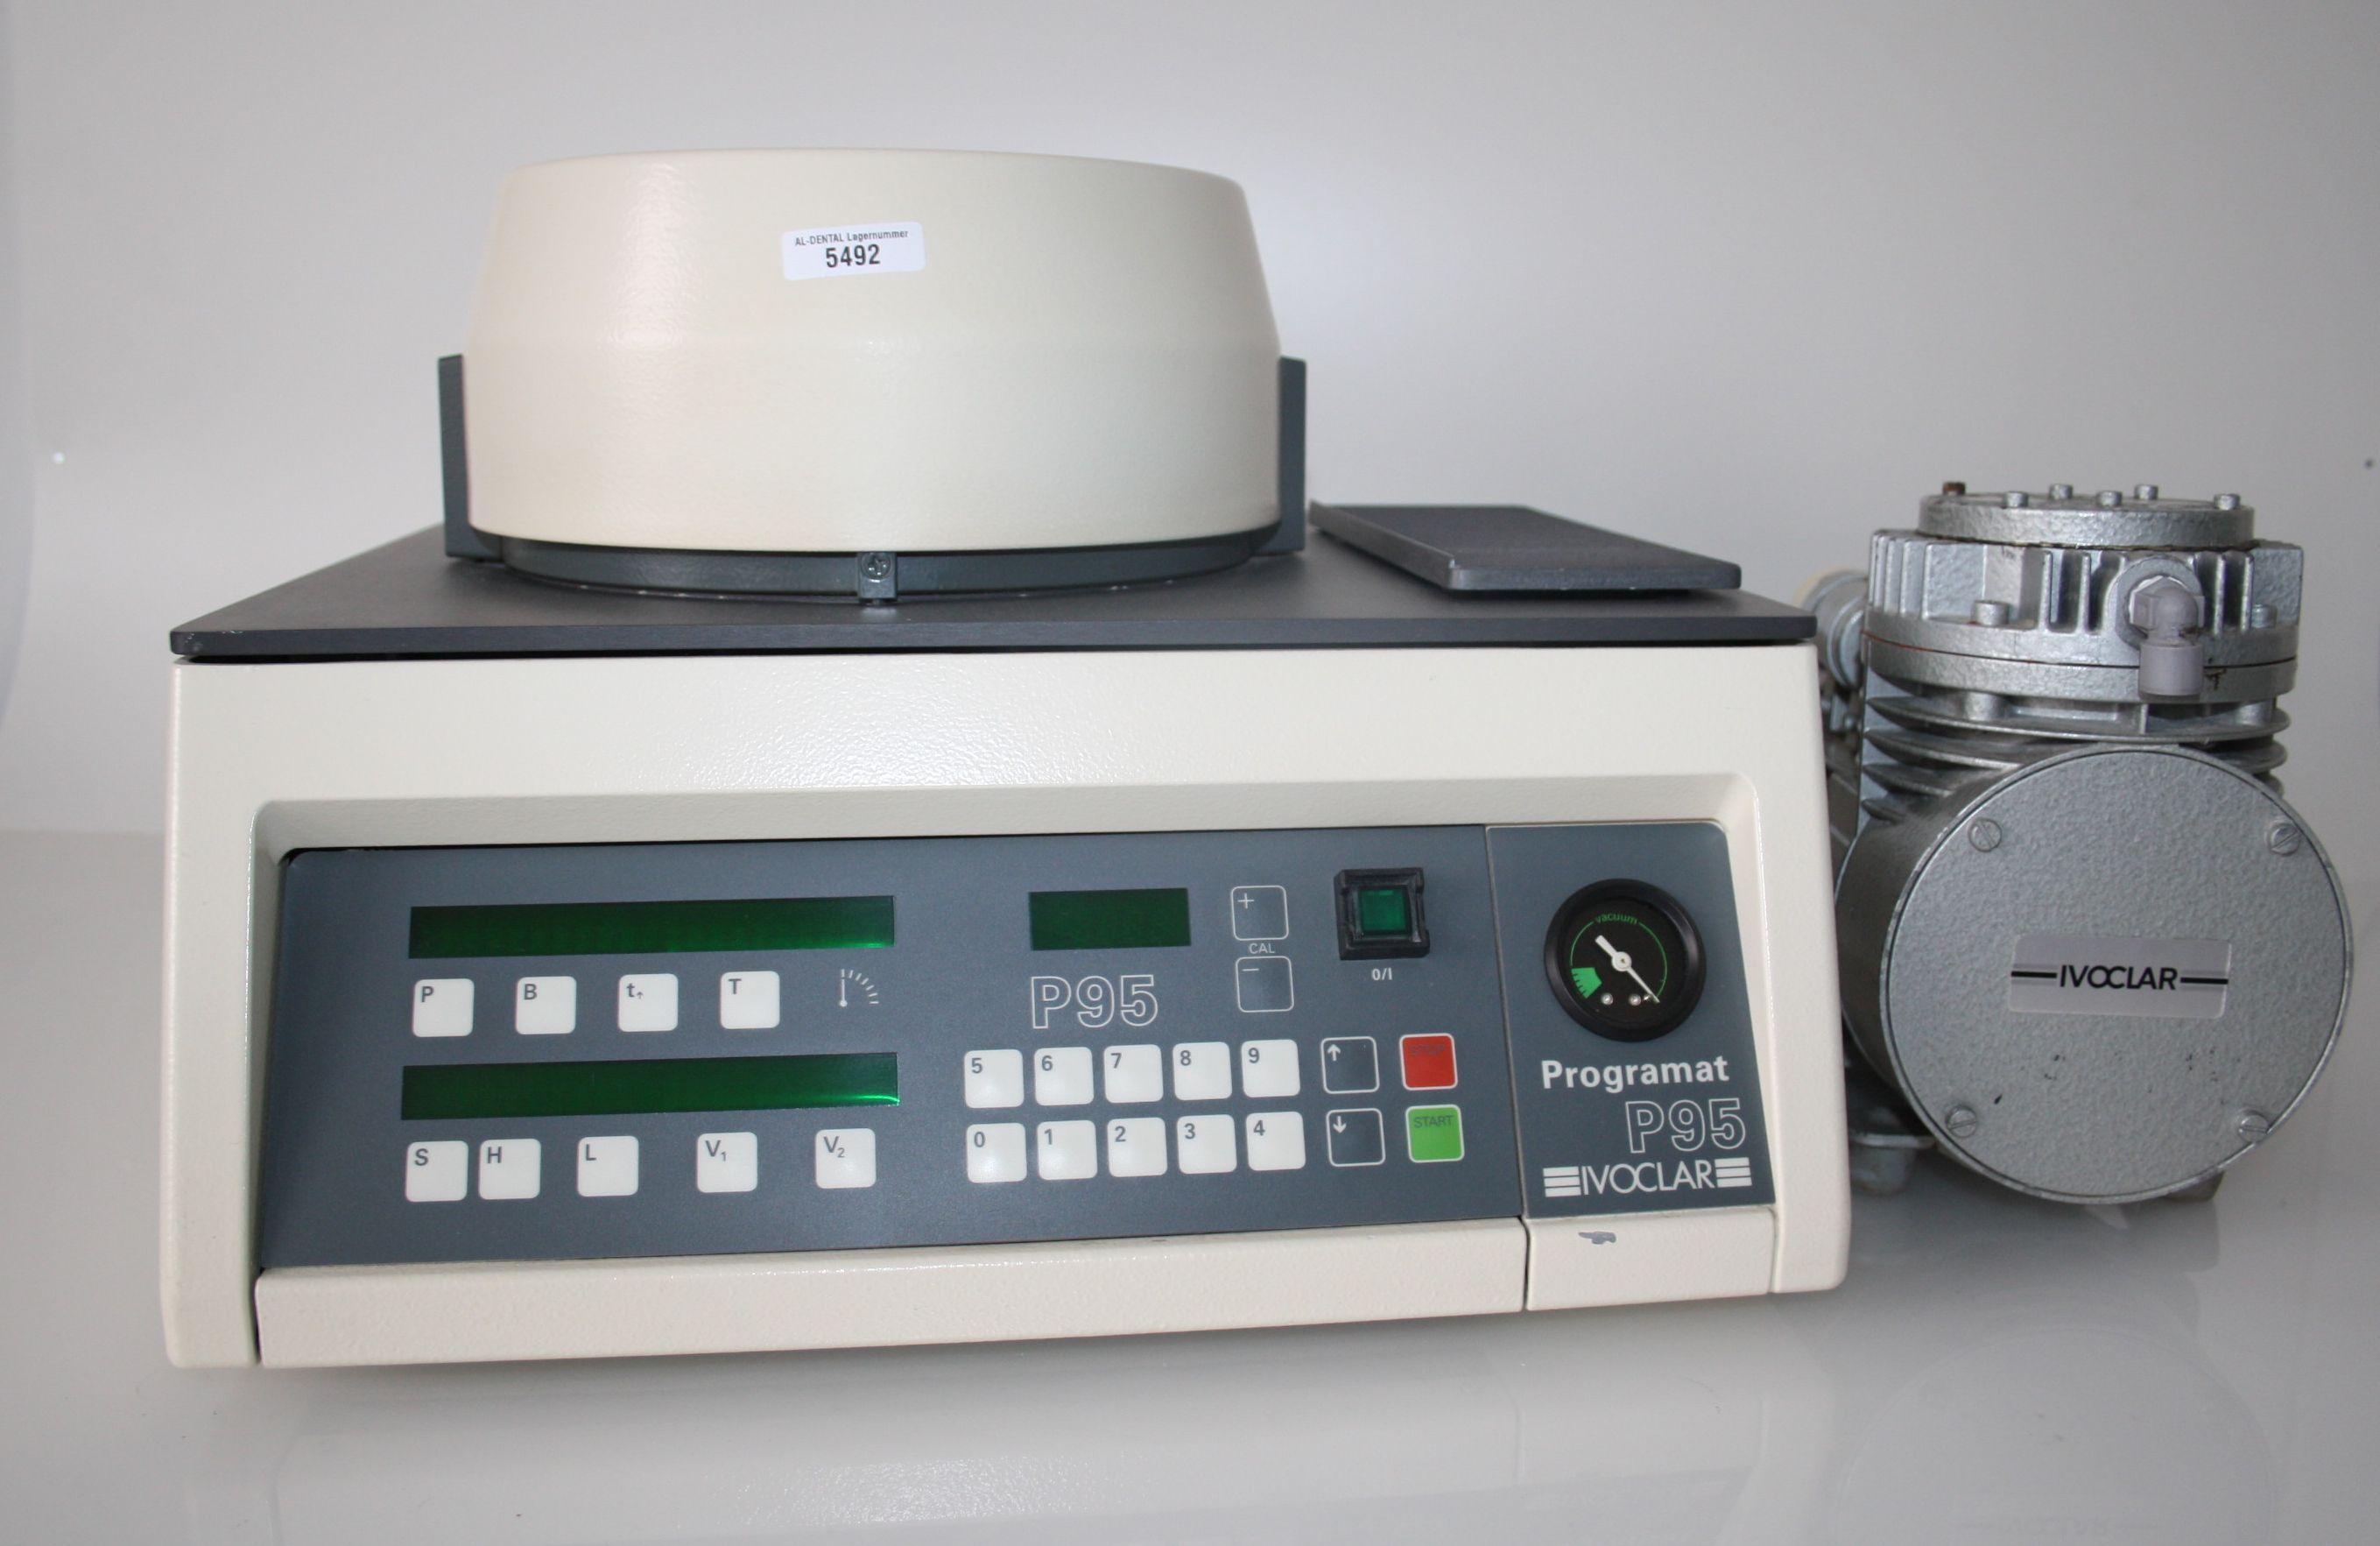 IVOCLAR Keramikbrennofen Programat P 95 mit Vakuumpumpe # 5492